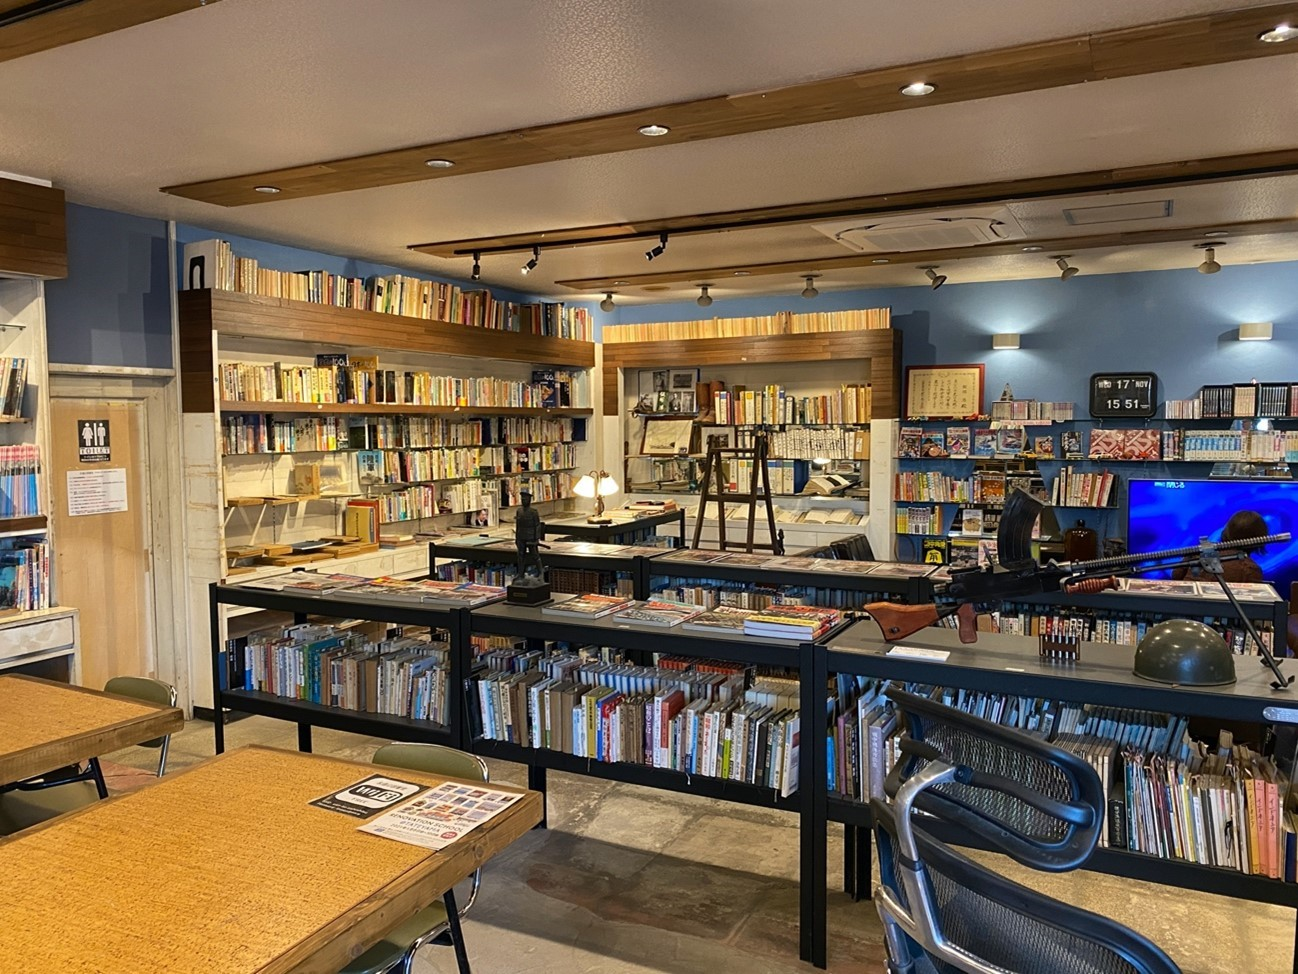 「永遠の図書室」の内部。旧陸軍の九九式軽機関銃(写真右端)レプリカの展示もあり、ミリタリー好きな筆者は大興奮